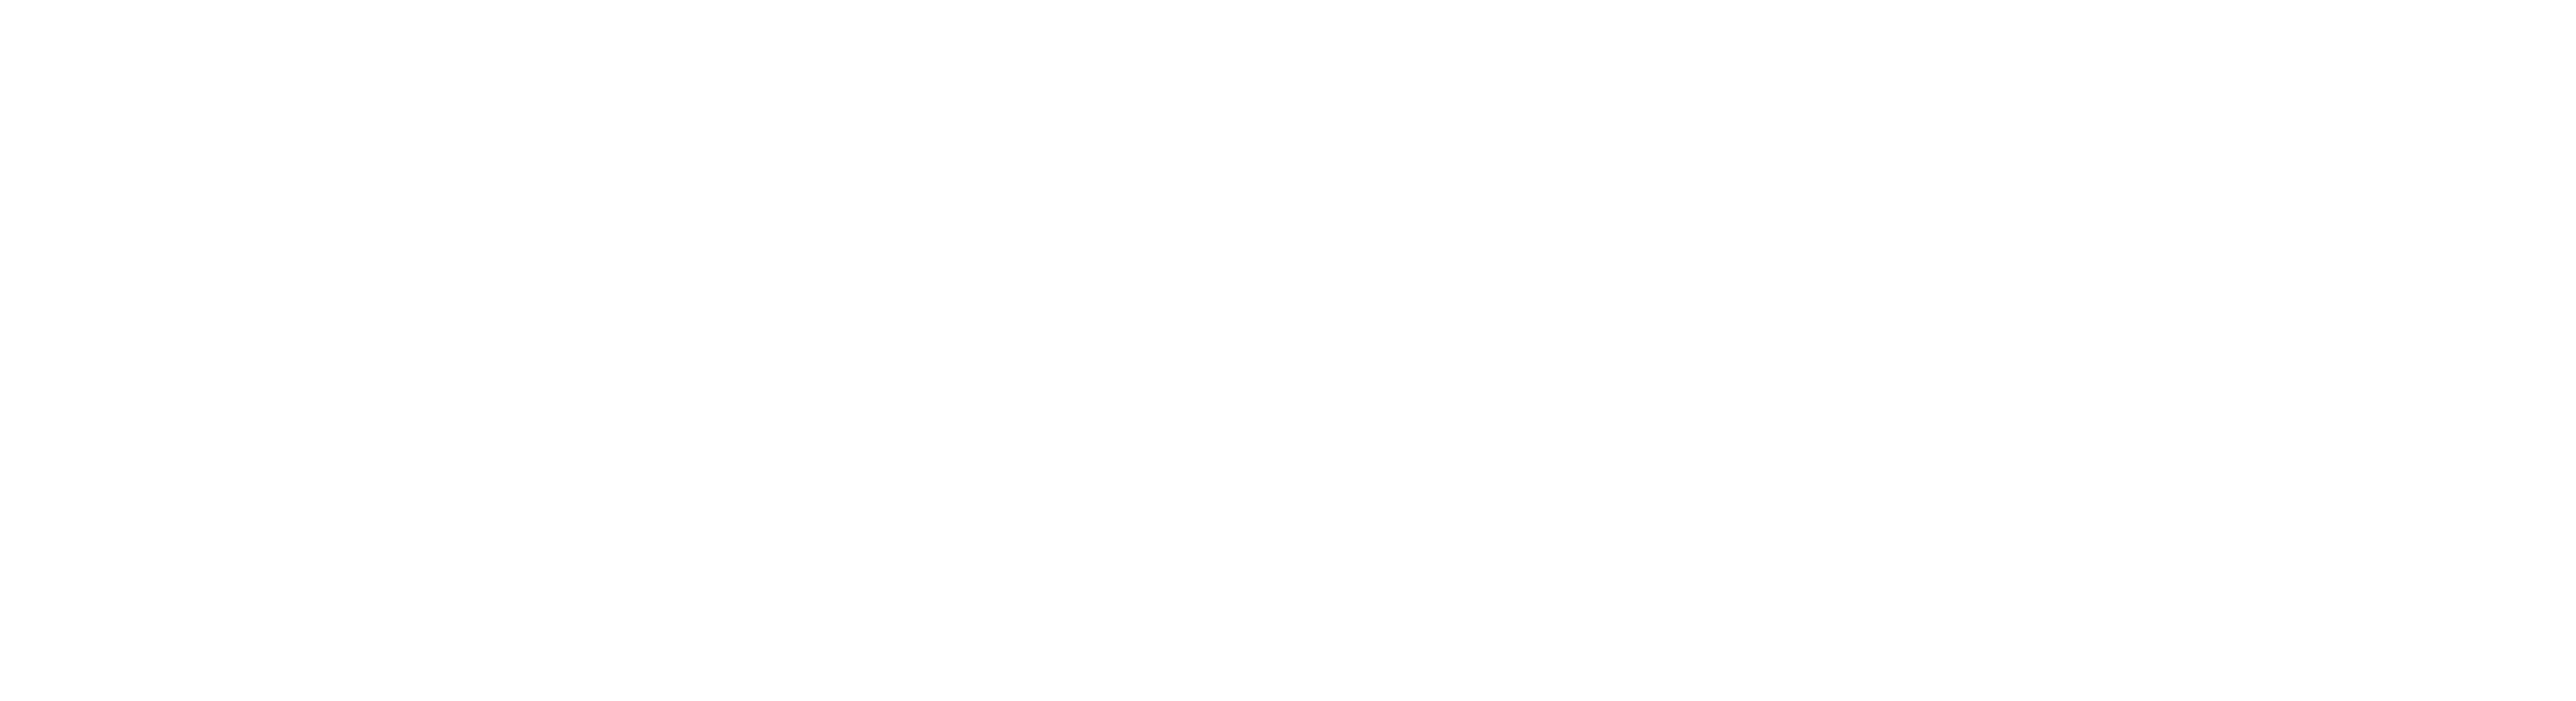 Bernard Grant